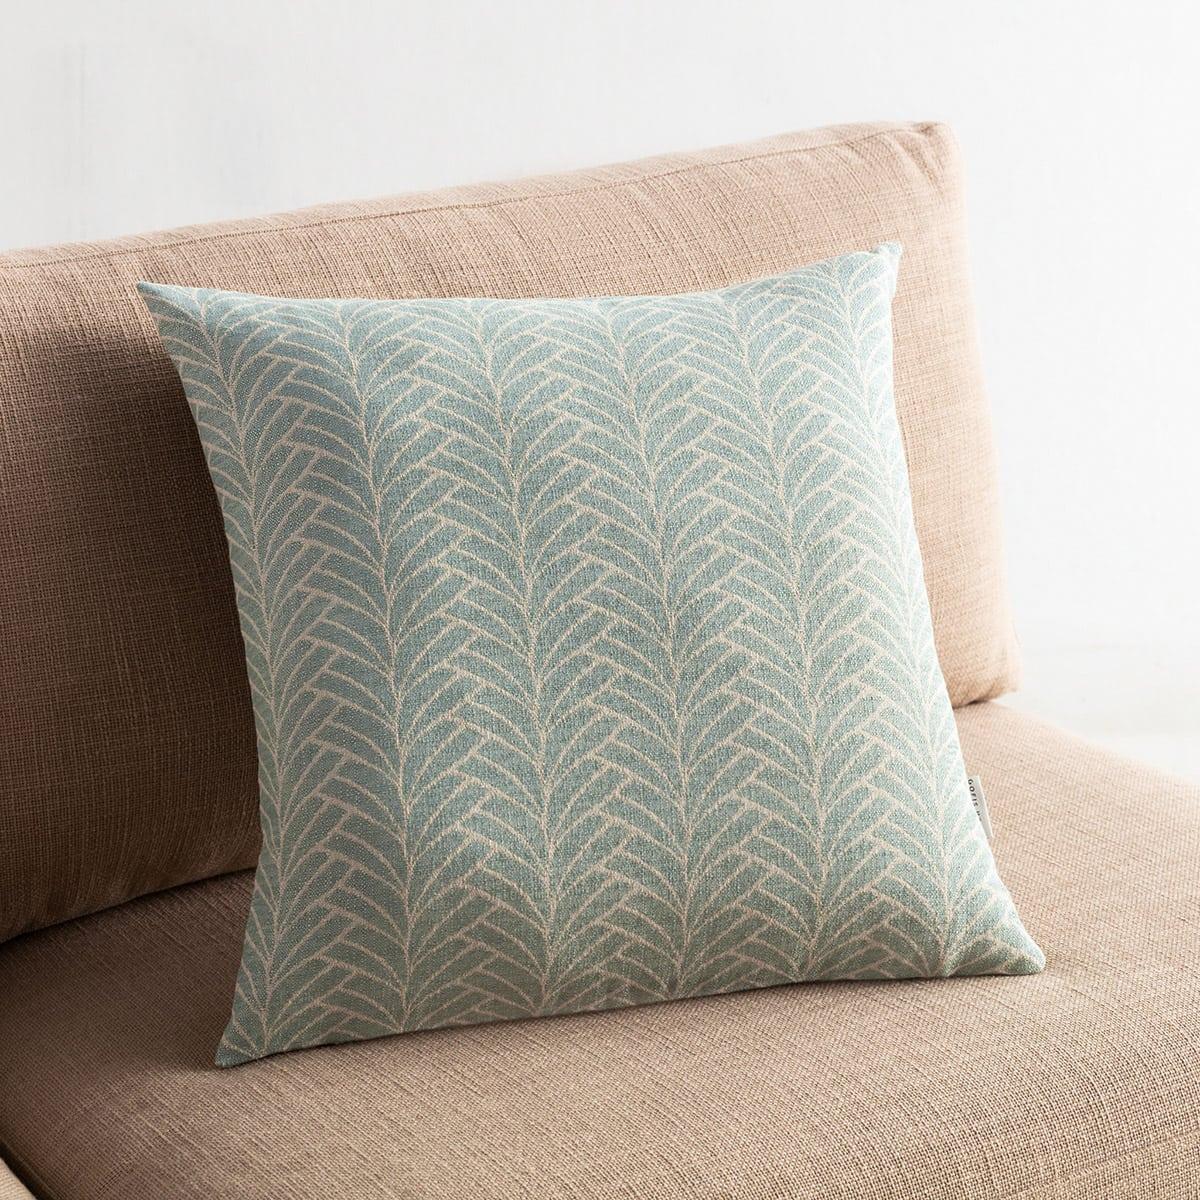 Μαξιλαροθήκη Διακοσμητική Seashell 223/11 Aqua Gofis Home 50X50 Βαμβάκι-Polyester